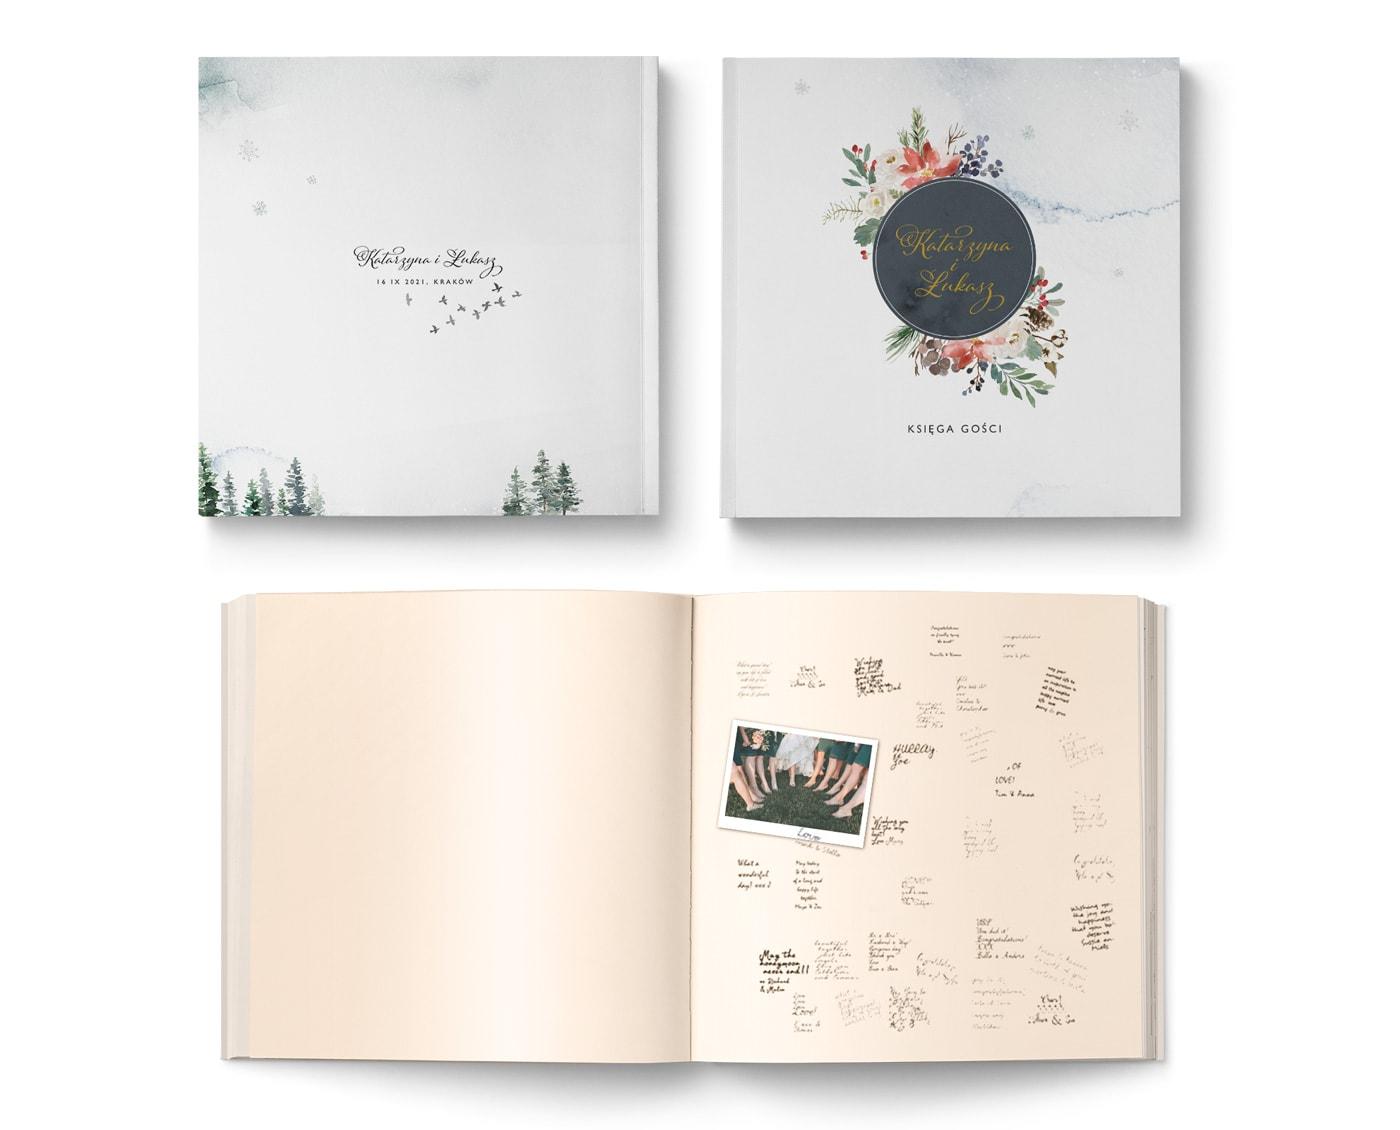 Tradycyjny album w formie księgi gości, styl zimowy, choinki, ziomowe kwiaty